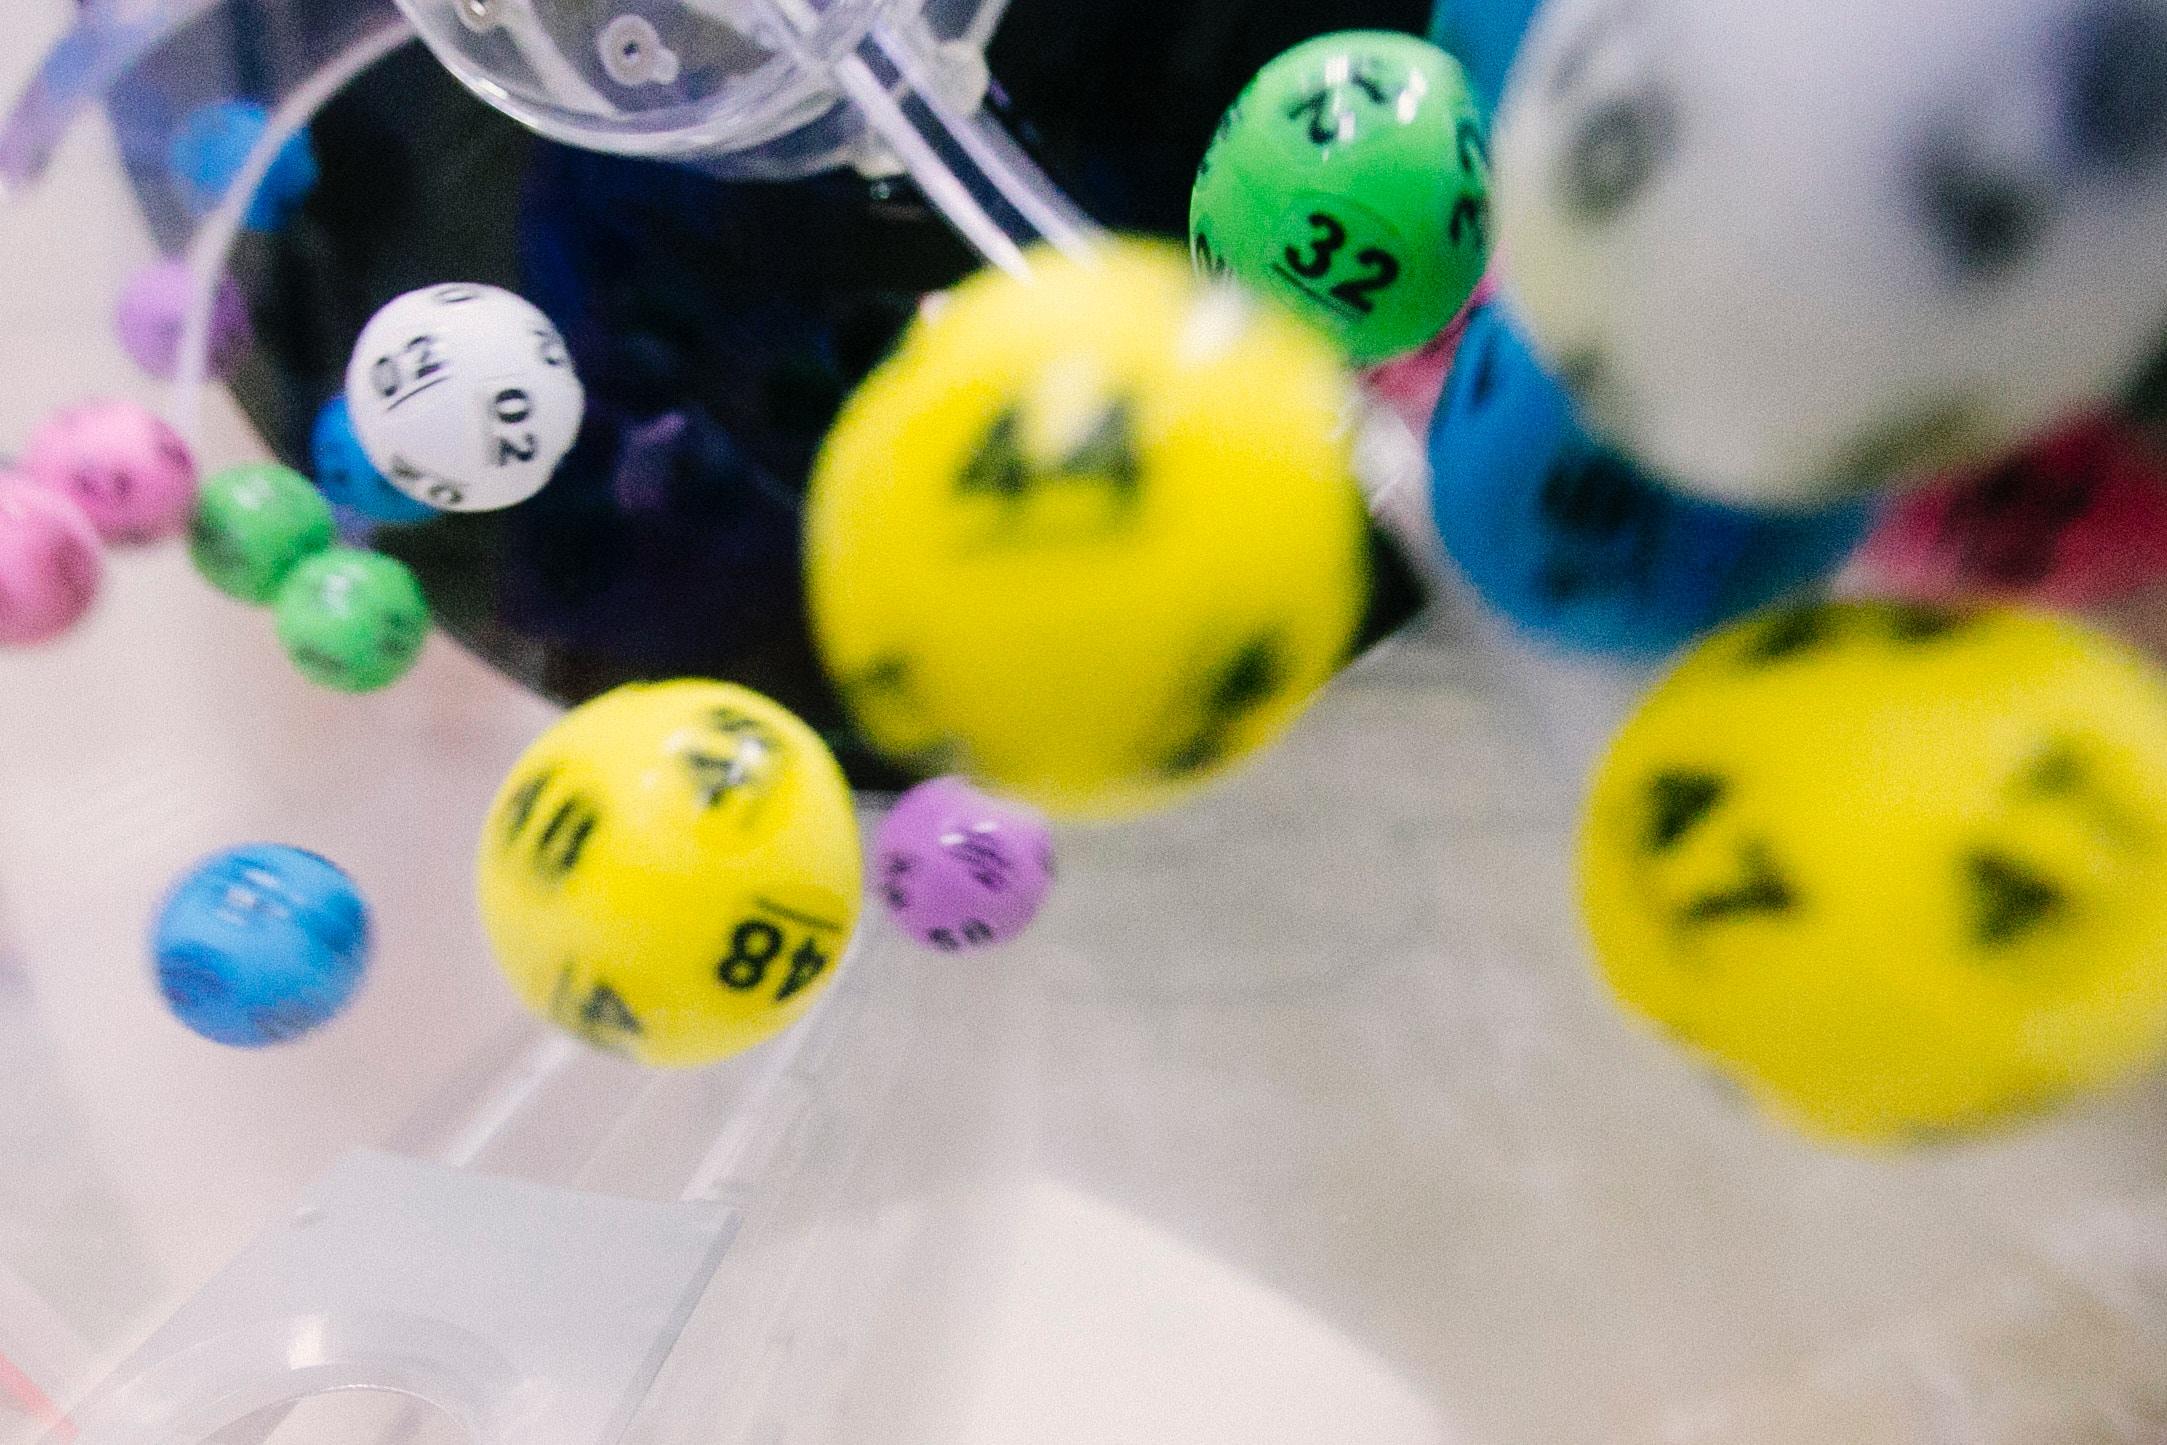 Le hasard est-il le seul critère à prendre en compte quand on joue au loto ?